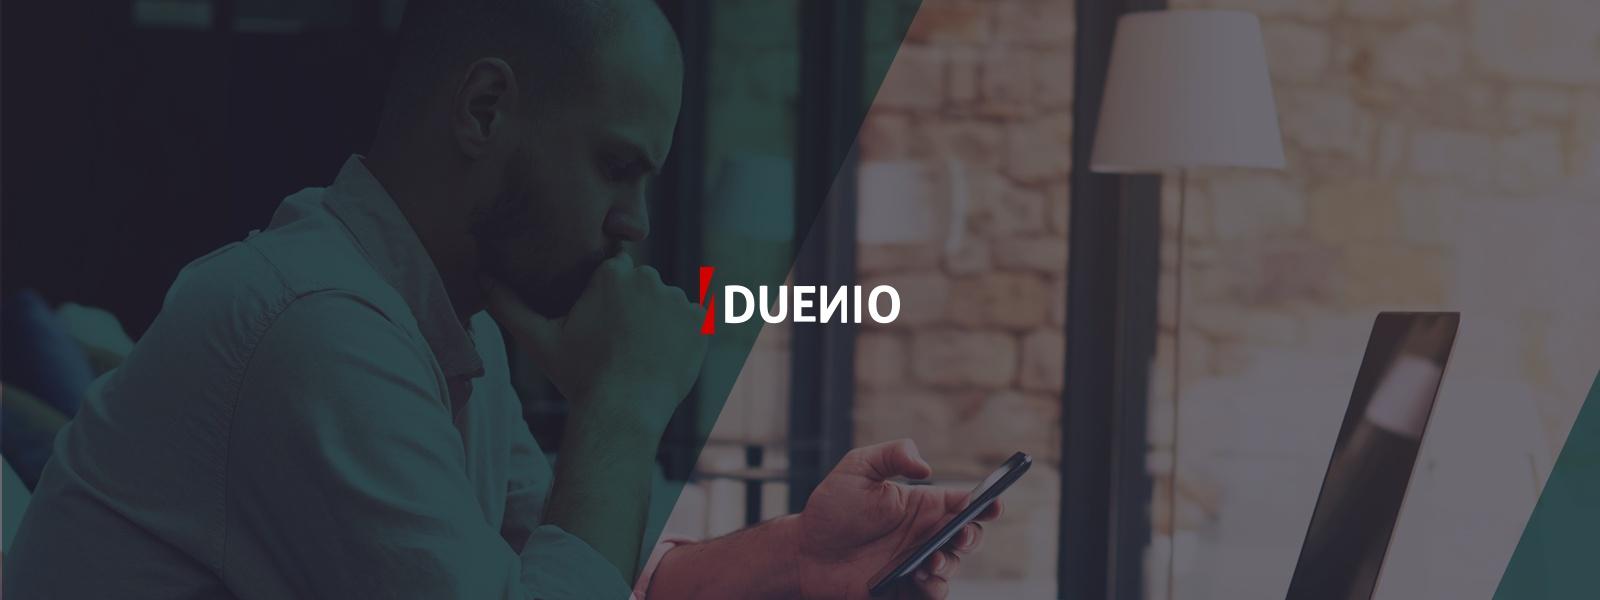 Duenio image